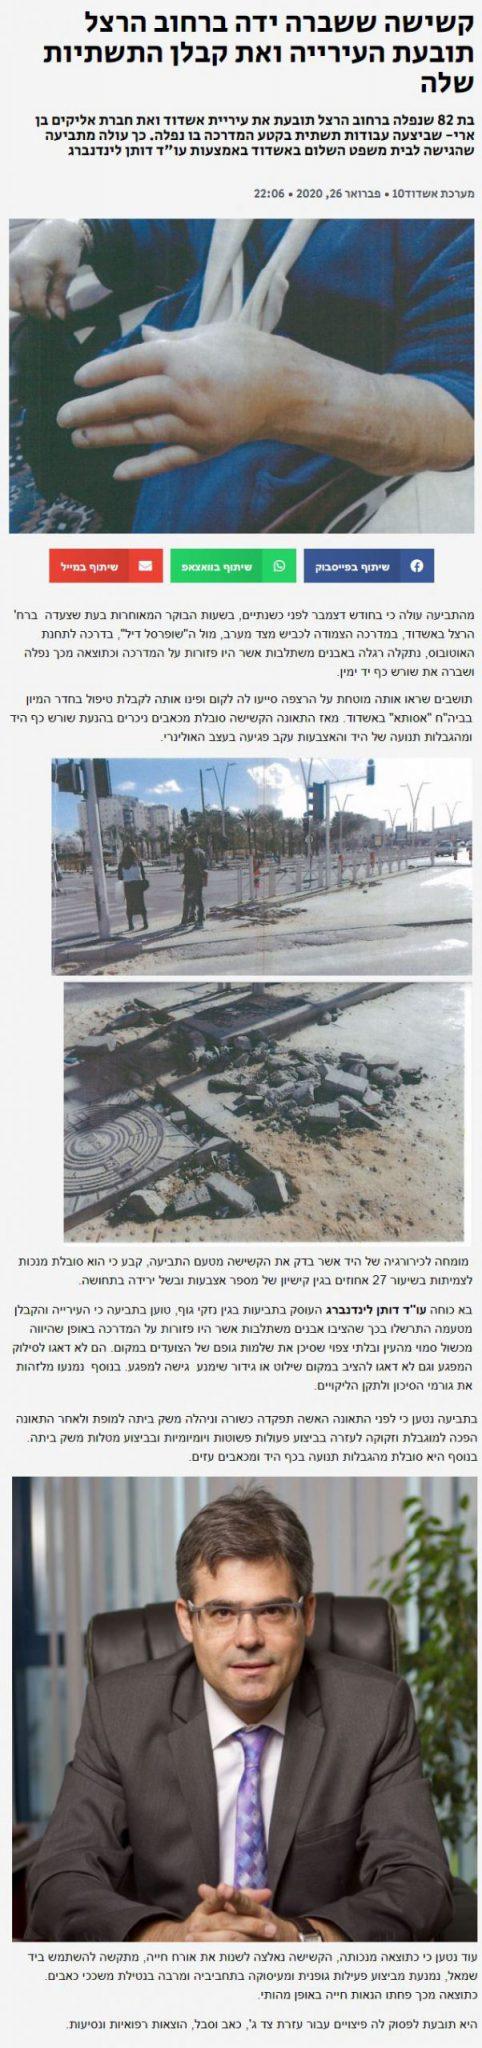 תביעת נזקי גוף עיריית אשדוד